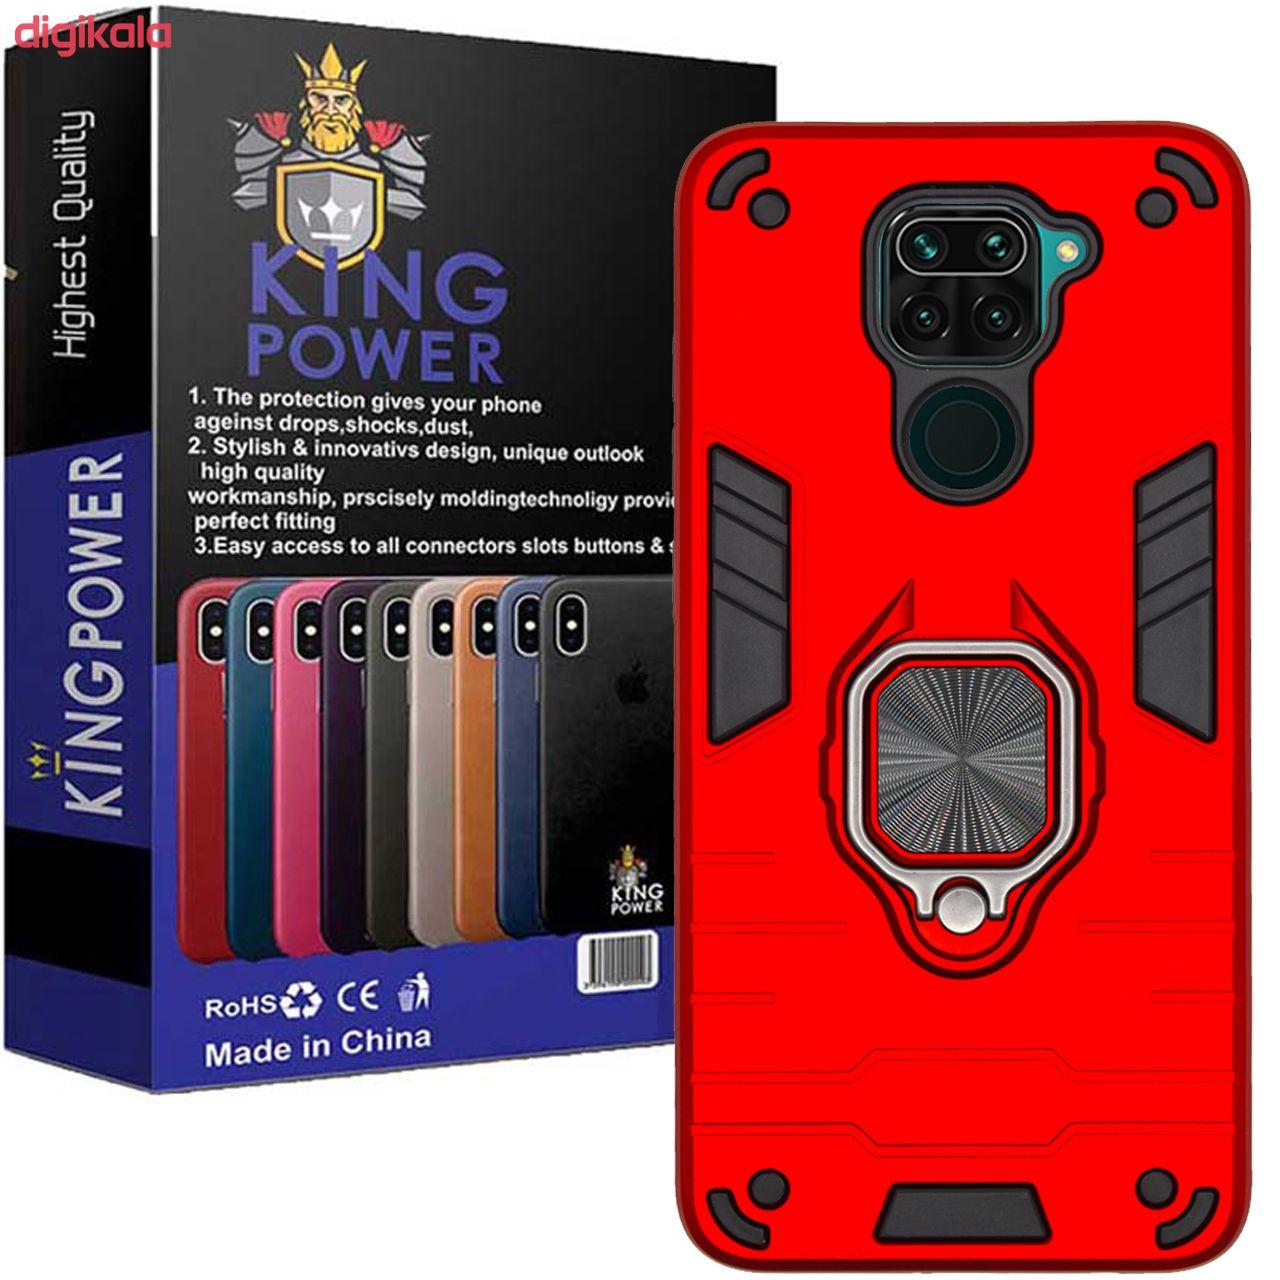 کاور کینگ پاور مدل ASH22 مناسب برای گوشی موبایل شیائومی Redmi Note 9 main 1 1